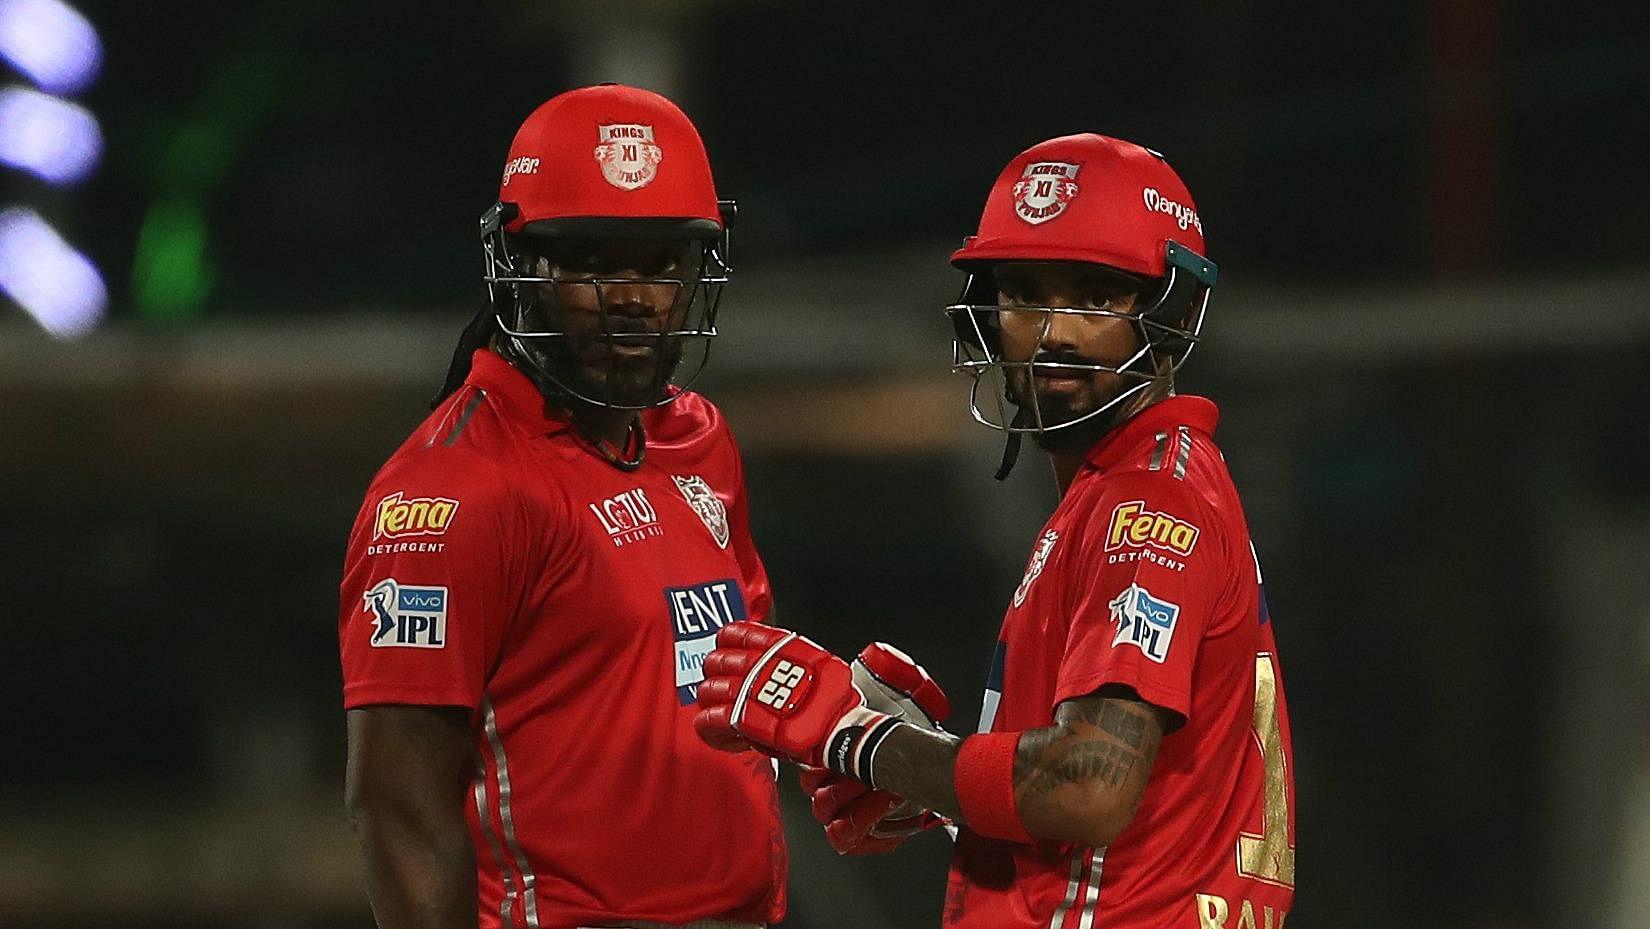 IPL 2021: शुरुआती मैचों में रवि बिश्नोई को क्यों नहीं दी प्लेइंग XI में जगह, अनिल कुंबले ने बताई वजह 3